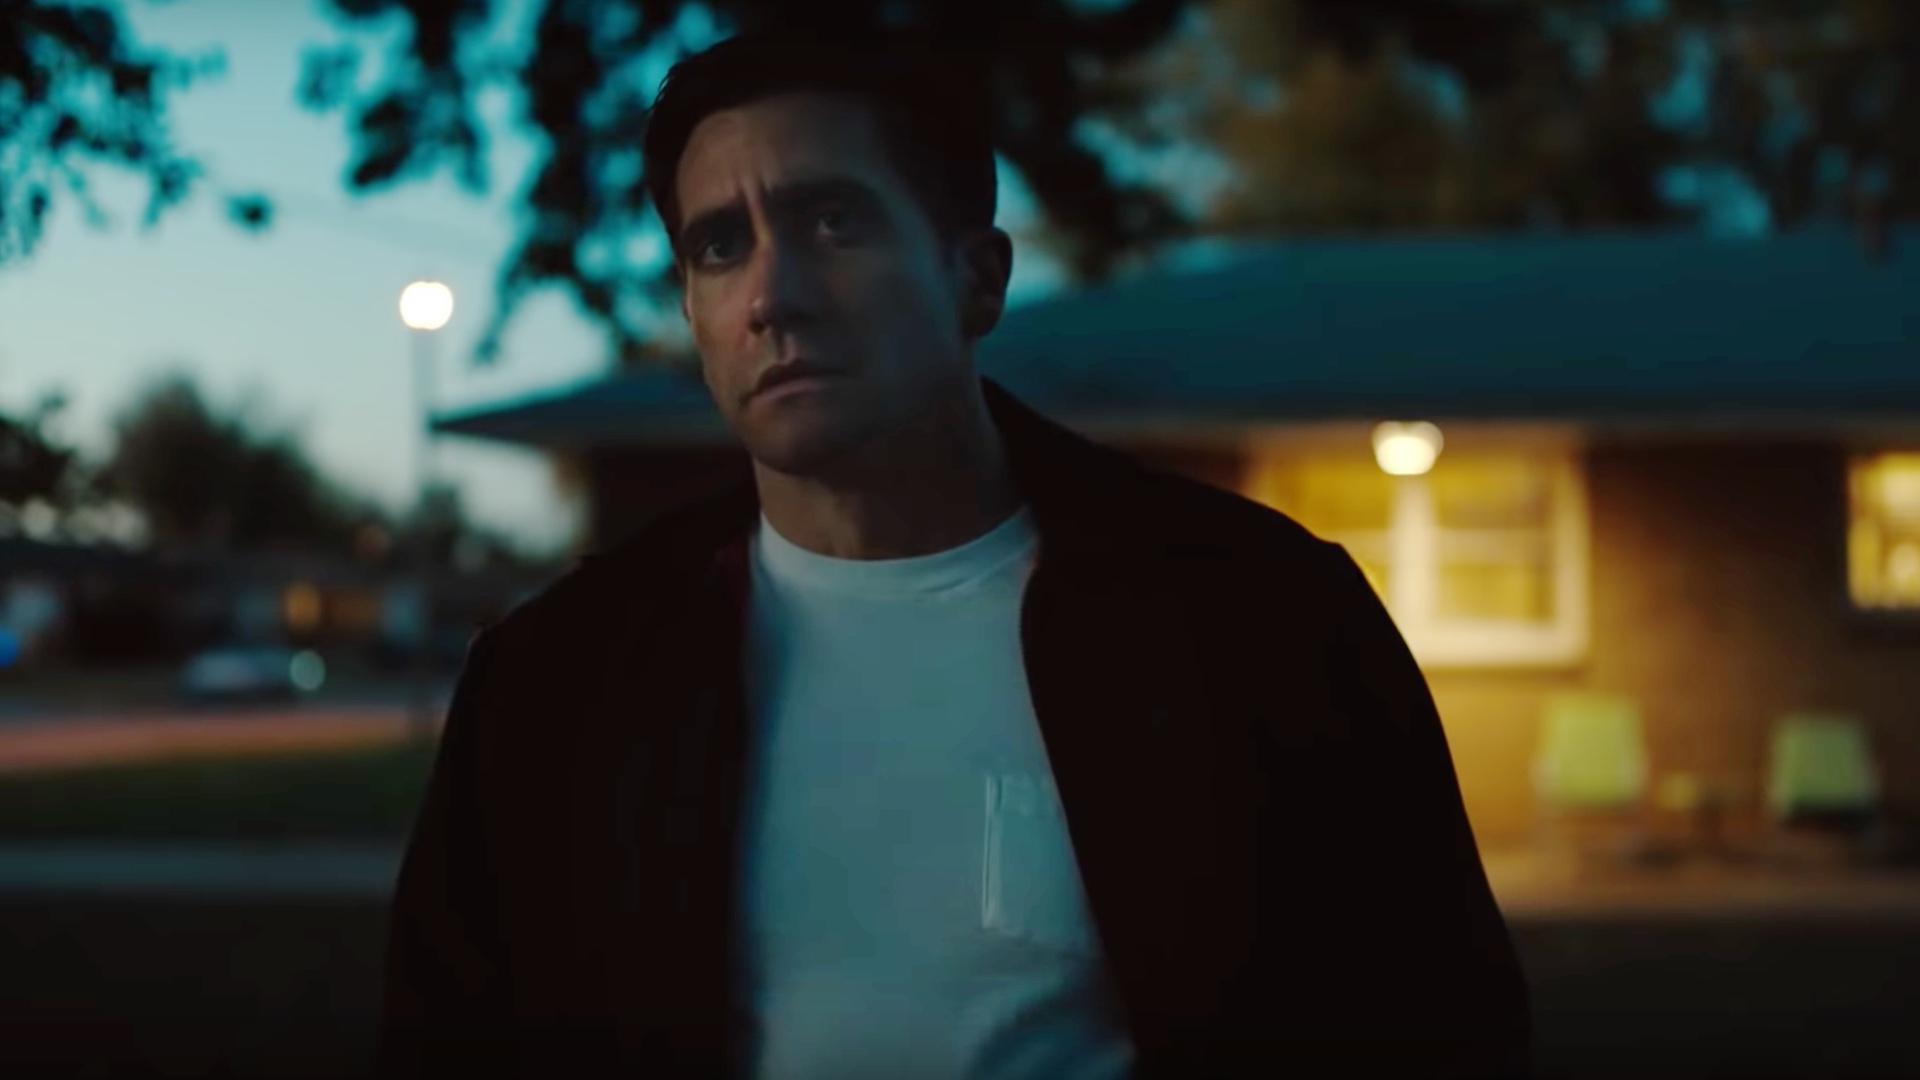 Jake Gyllenhaal in WIldlife, dir. Paul Dano, 2018